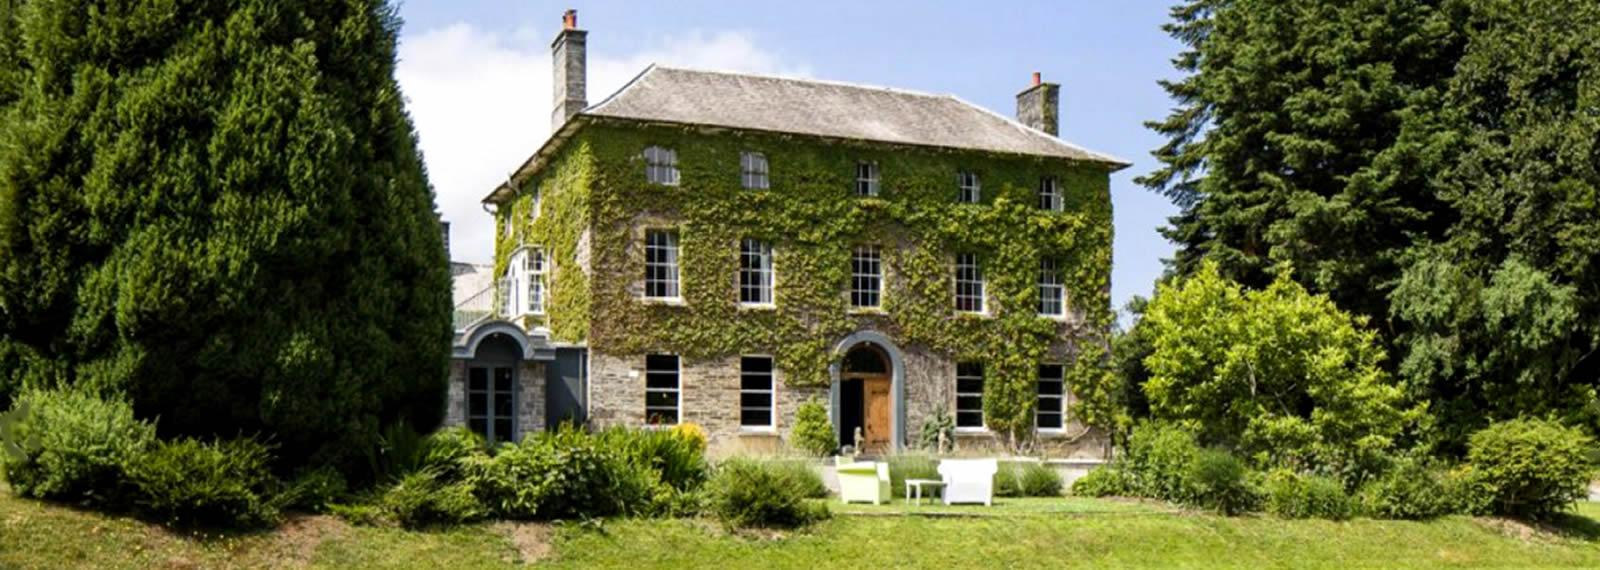 Llechryd, Pembrokeshire